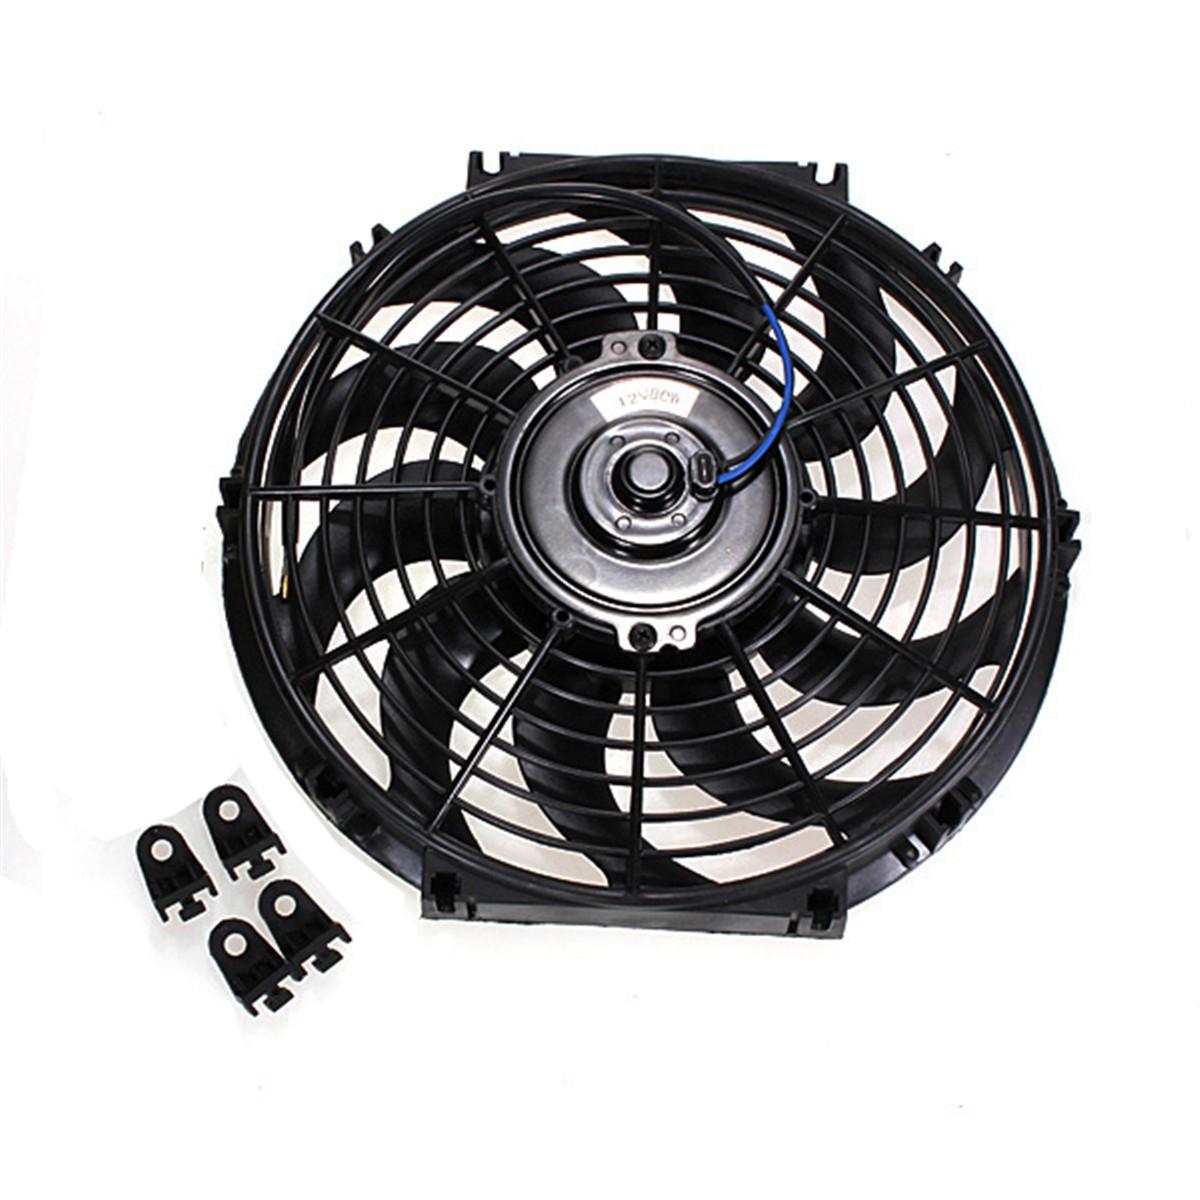 12 inch auto lectrique radiateur ventilateur fan refroidissement thermostat 12v prix pas cher. Black Bedroom Furniture Sets. Home Design Ideas